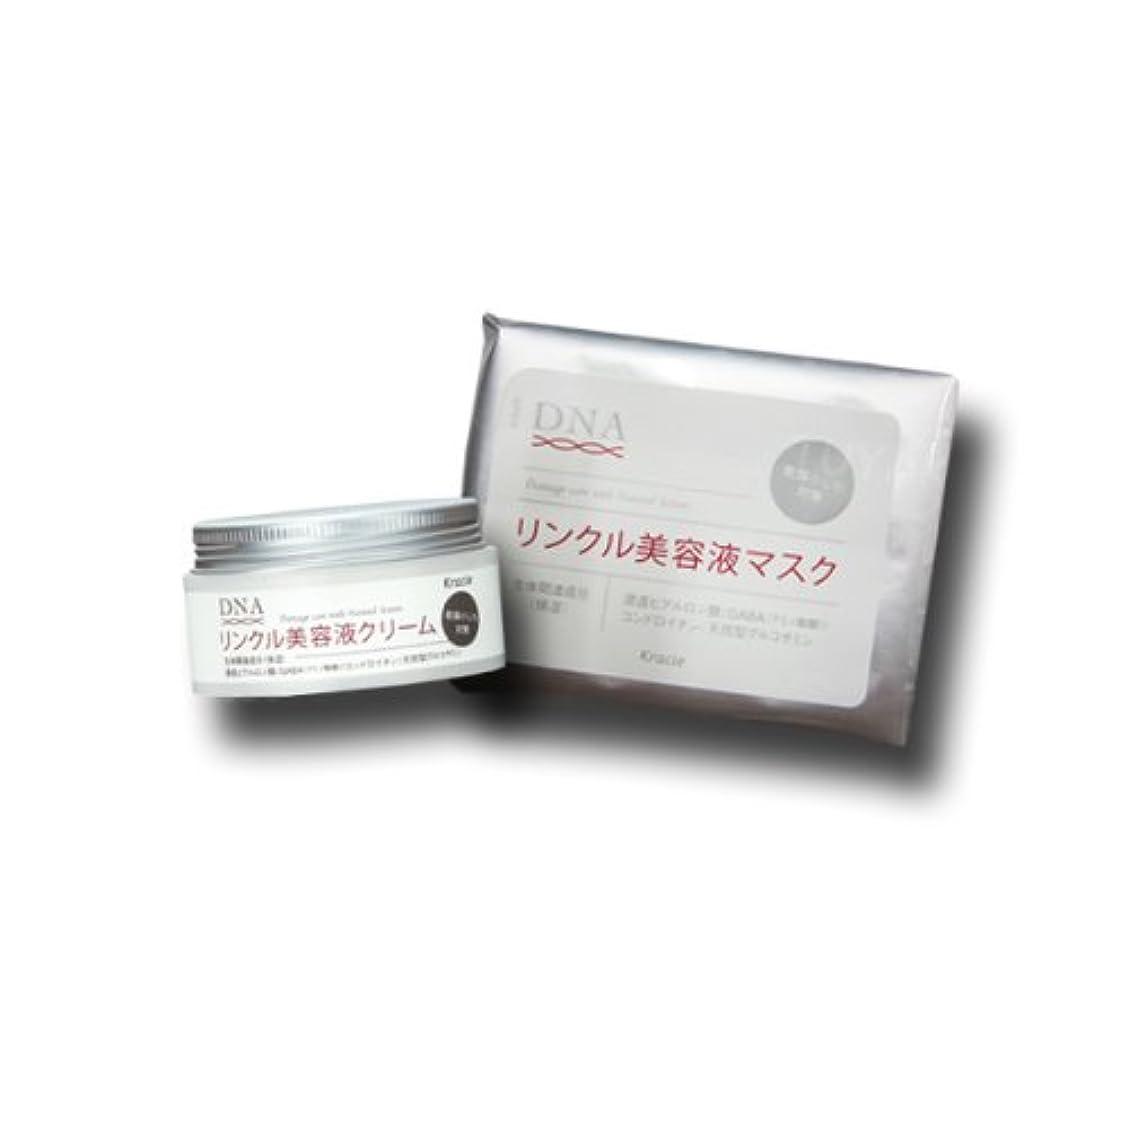 問い合わせスケート光クラシエ DNA リンクル美容液クリーム100g+美容液マスク 28枚入りセット